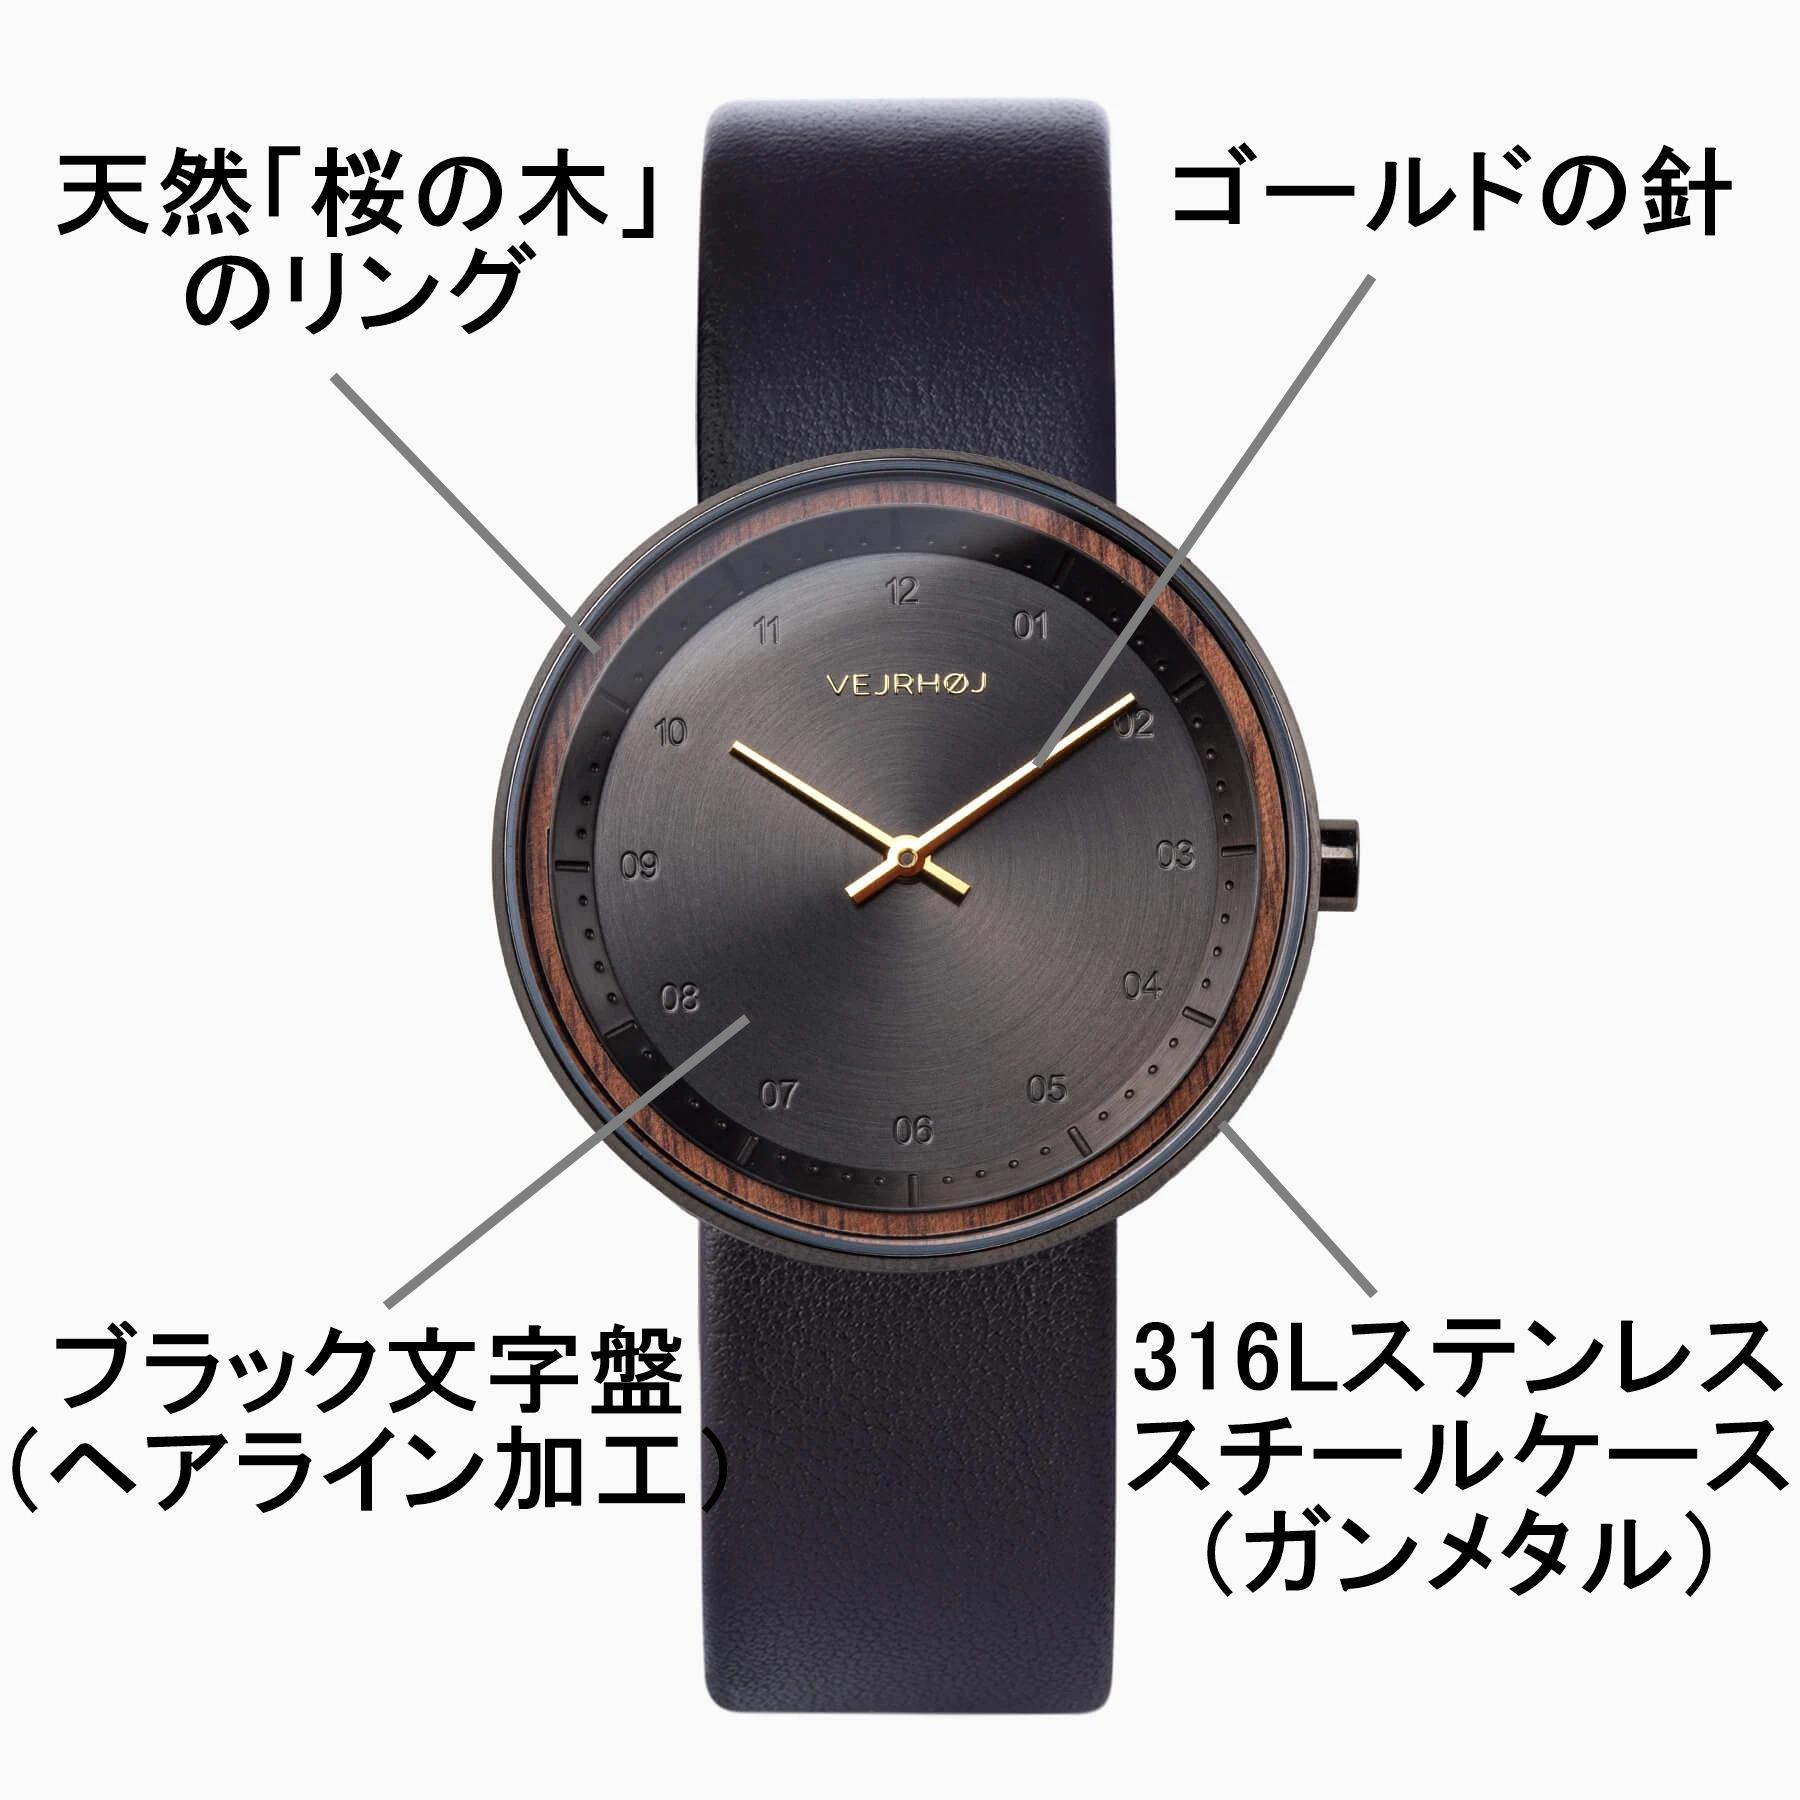 ヴェアホイ VEJRHO BLACK & GOLD レザー 桜 40mm パーツ解説付き